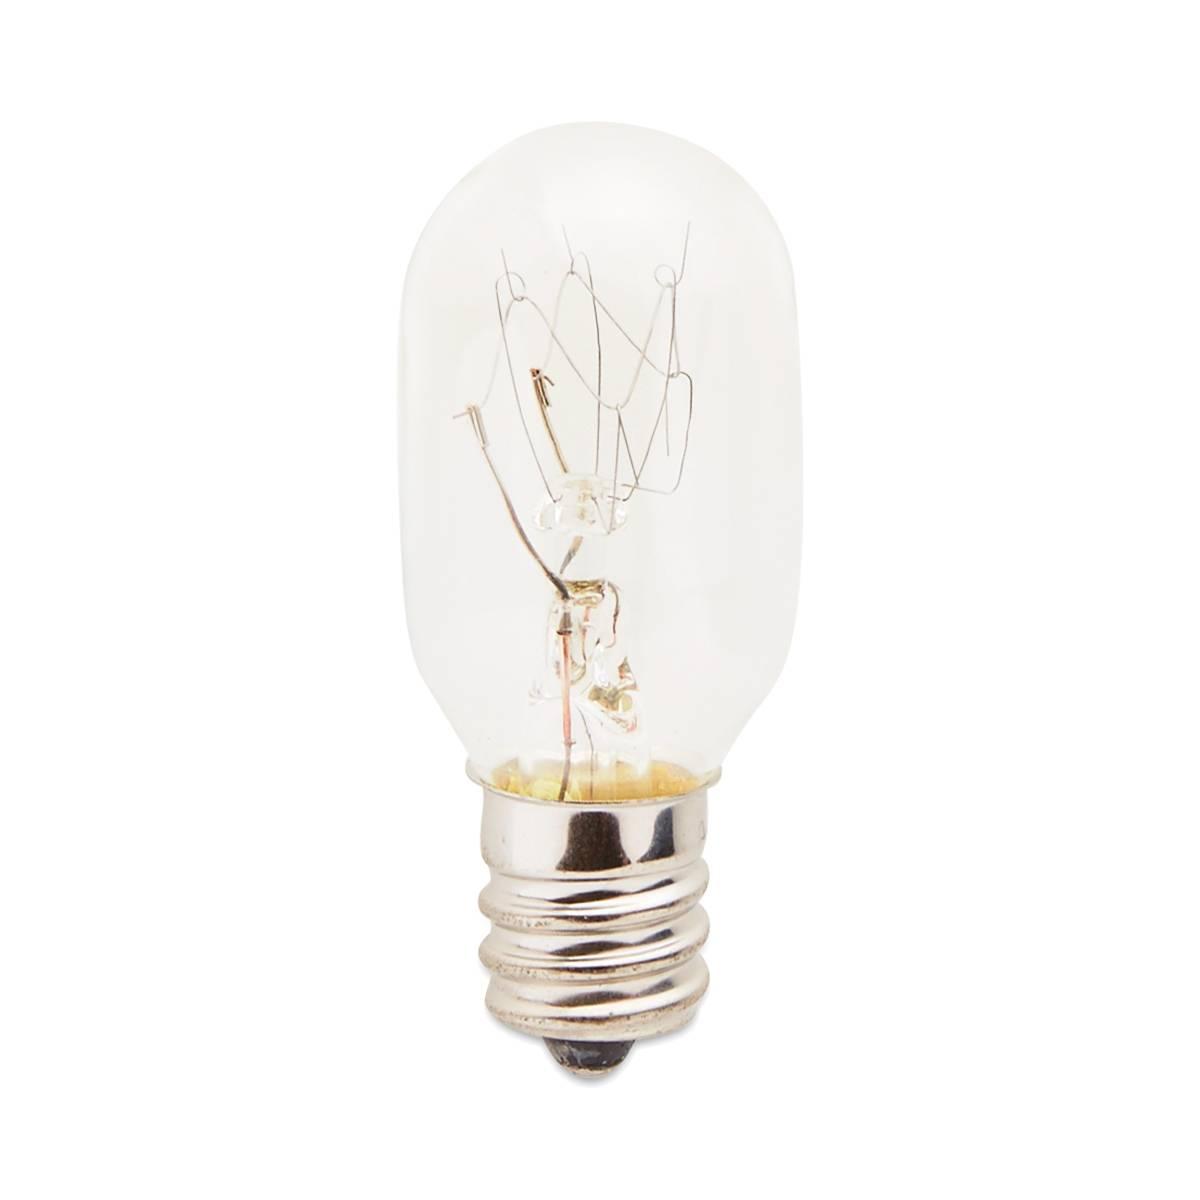 Evolution Salt Lamp Bulbs : 15w Clear Salt Lamp Bulbs by Evolution Salt Co - Thrive Market